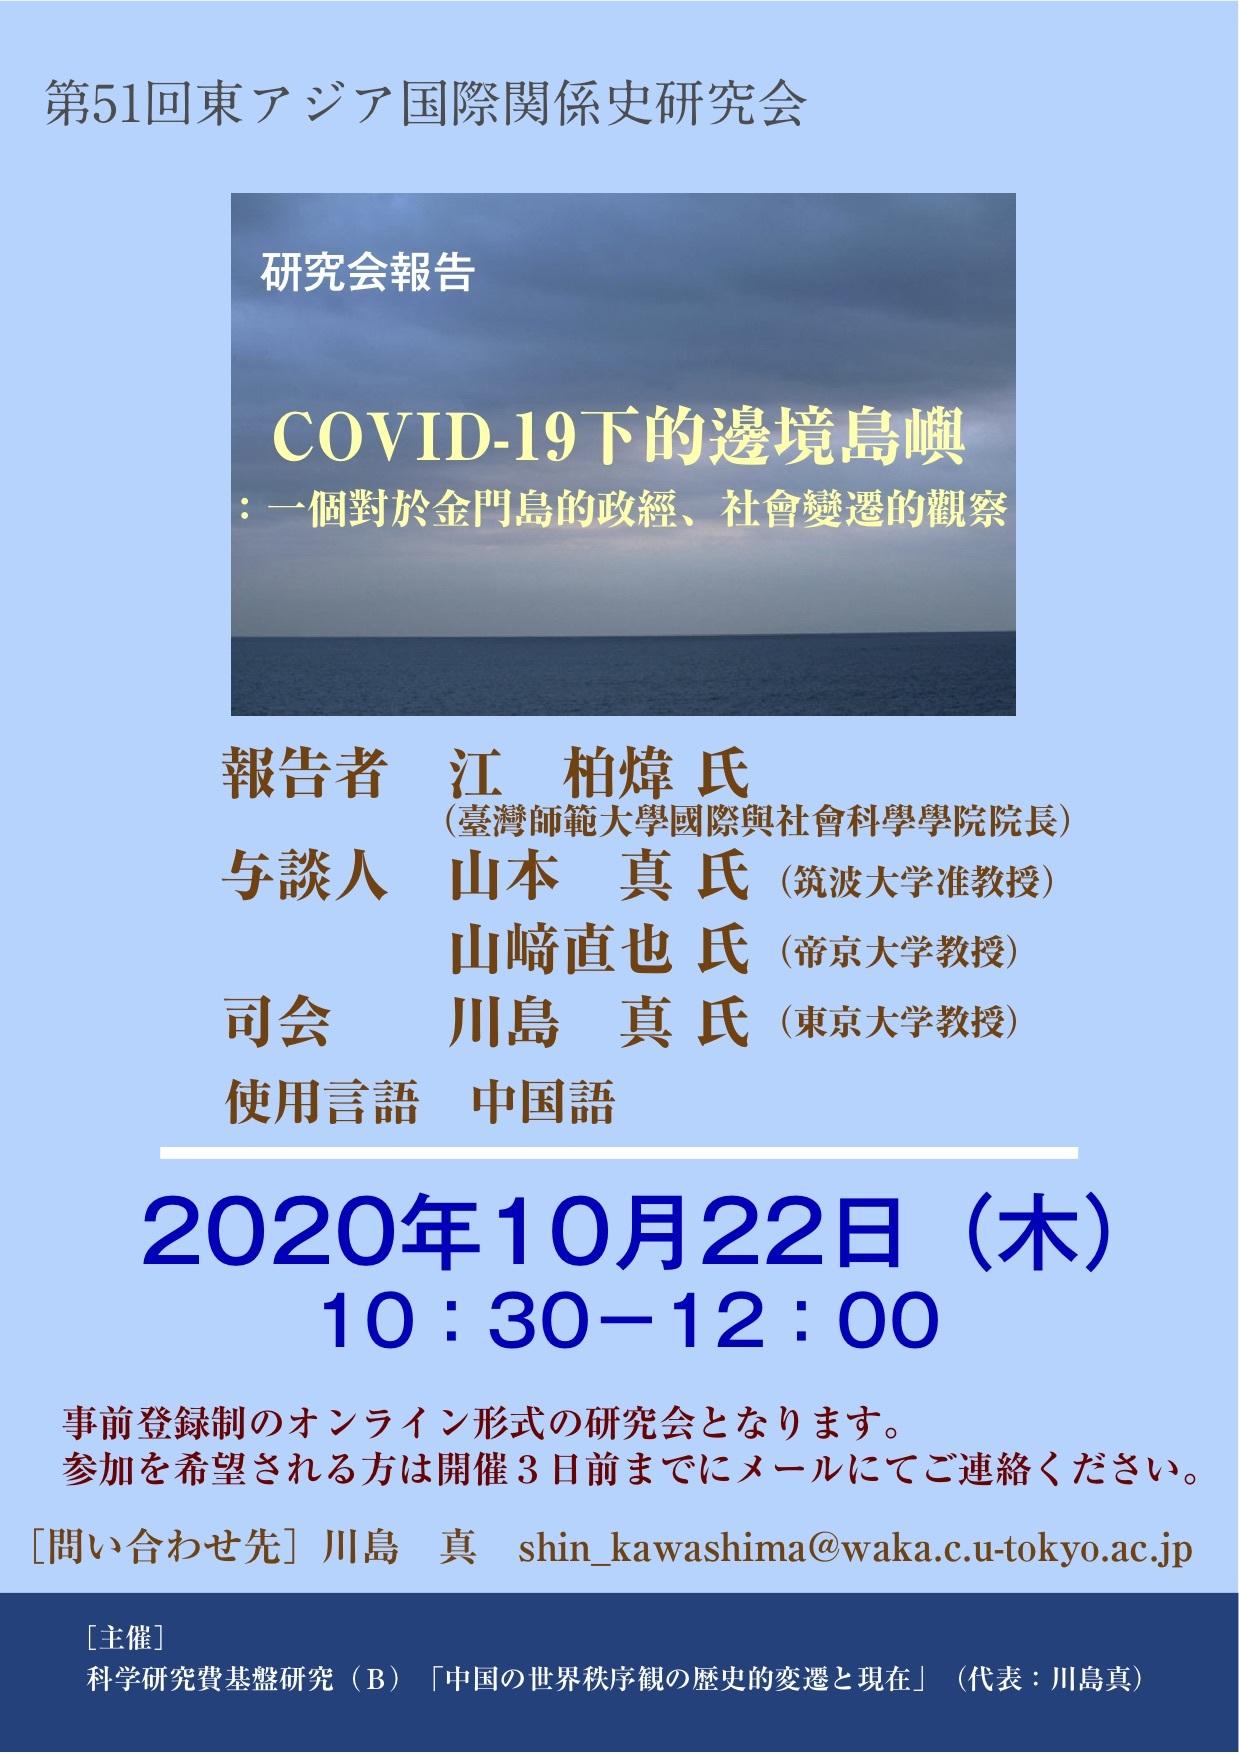 第51回東アジア国際関係史研究会のお知らせ_d0199670_12510083.jpg